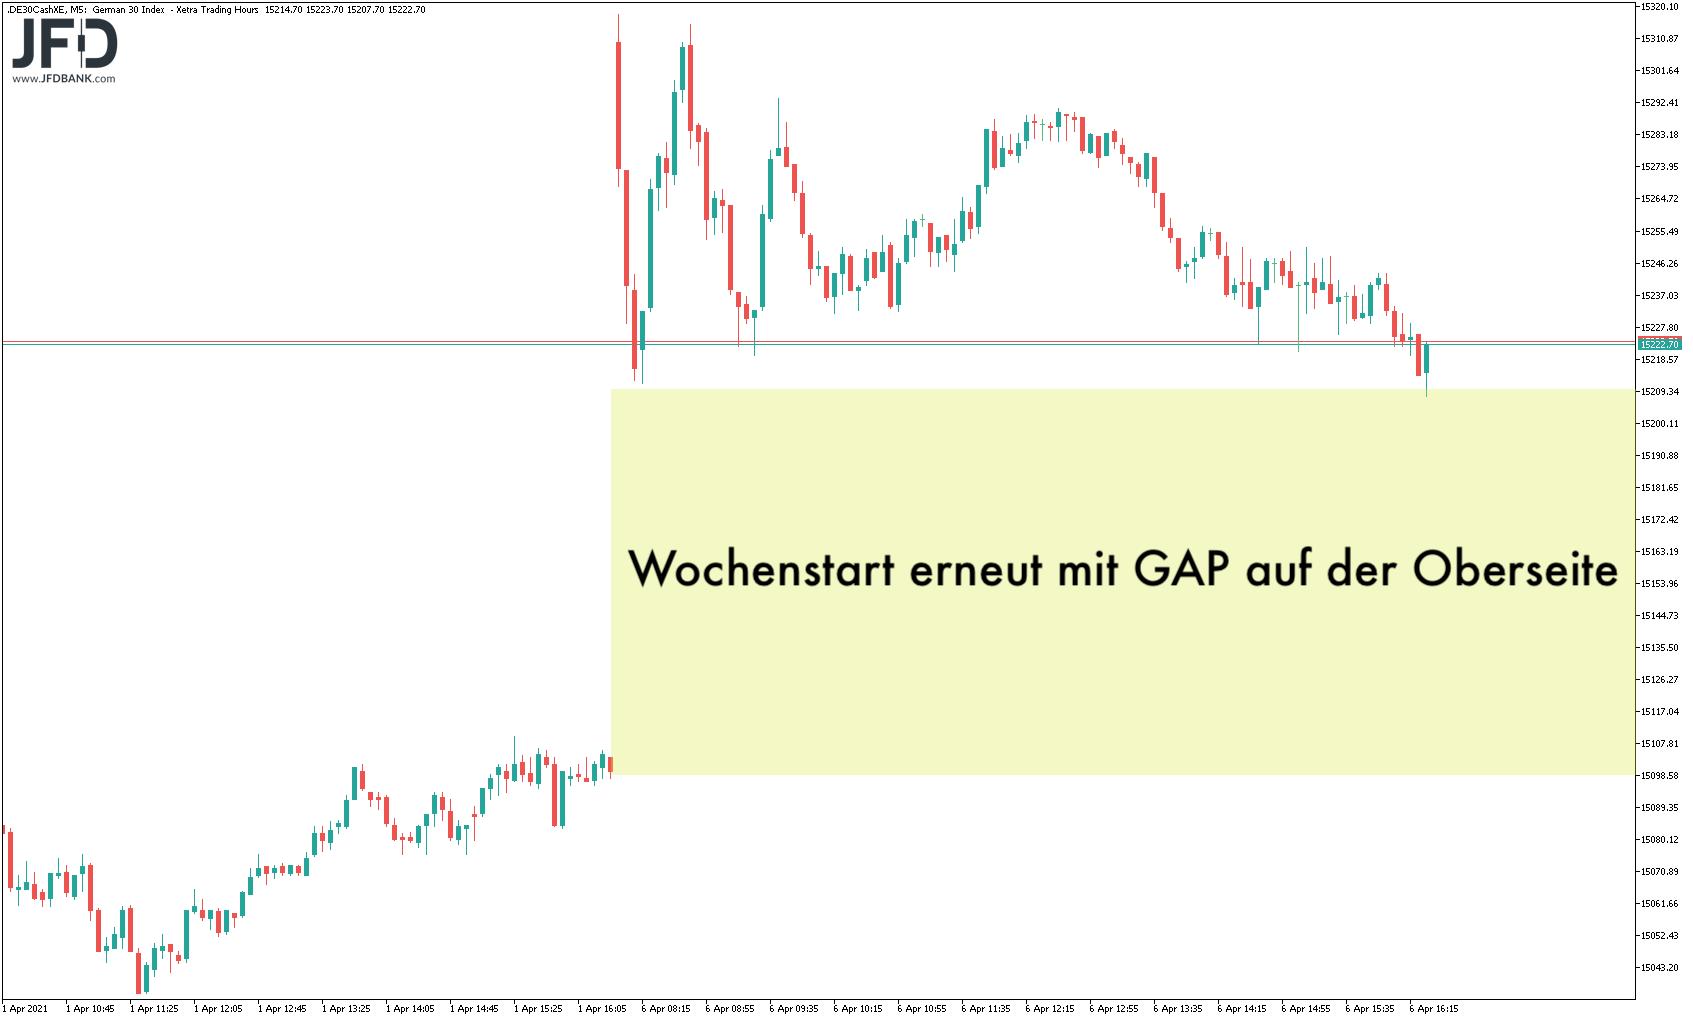 War-das-Kursfeuerwerk-im-DAX-nur-ein-kurzes-Osterfeuer-Kommentar-JFD-Bank-GodmodeTrader.de-1